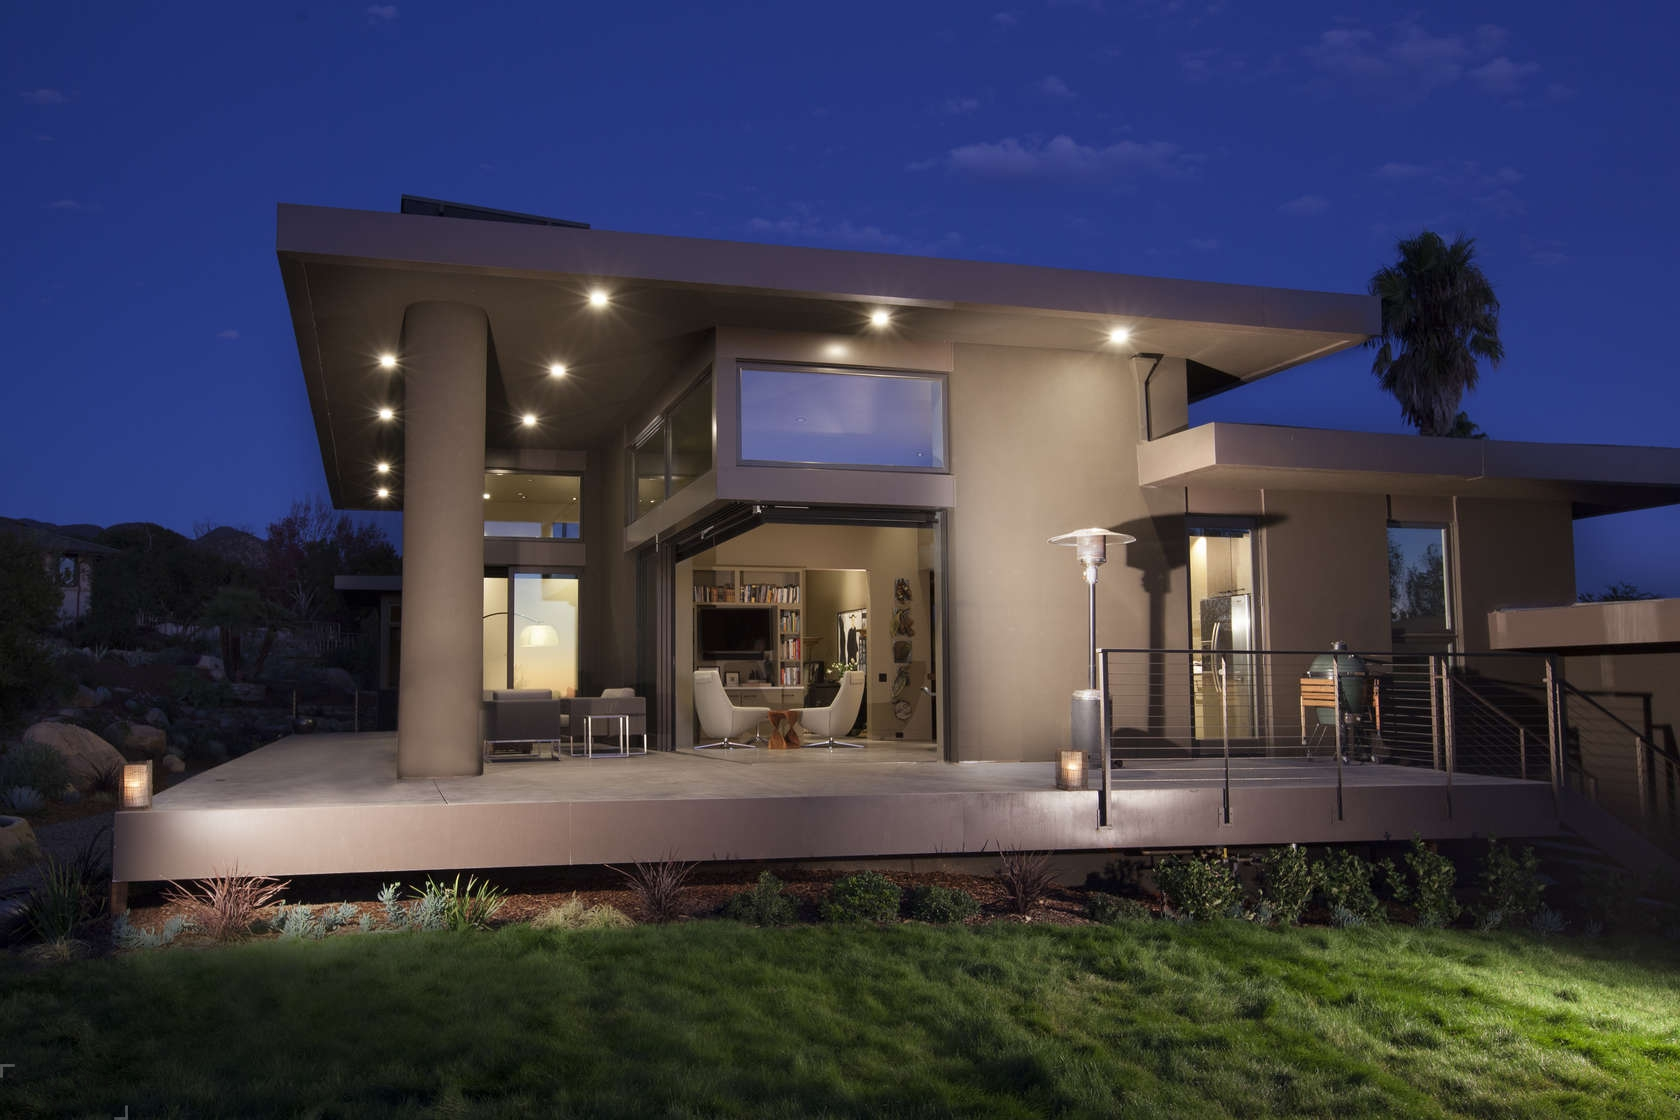 Потрясающий вид из окна дома Las Carnas в Калифорнии